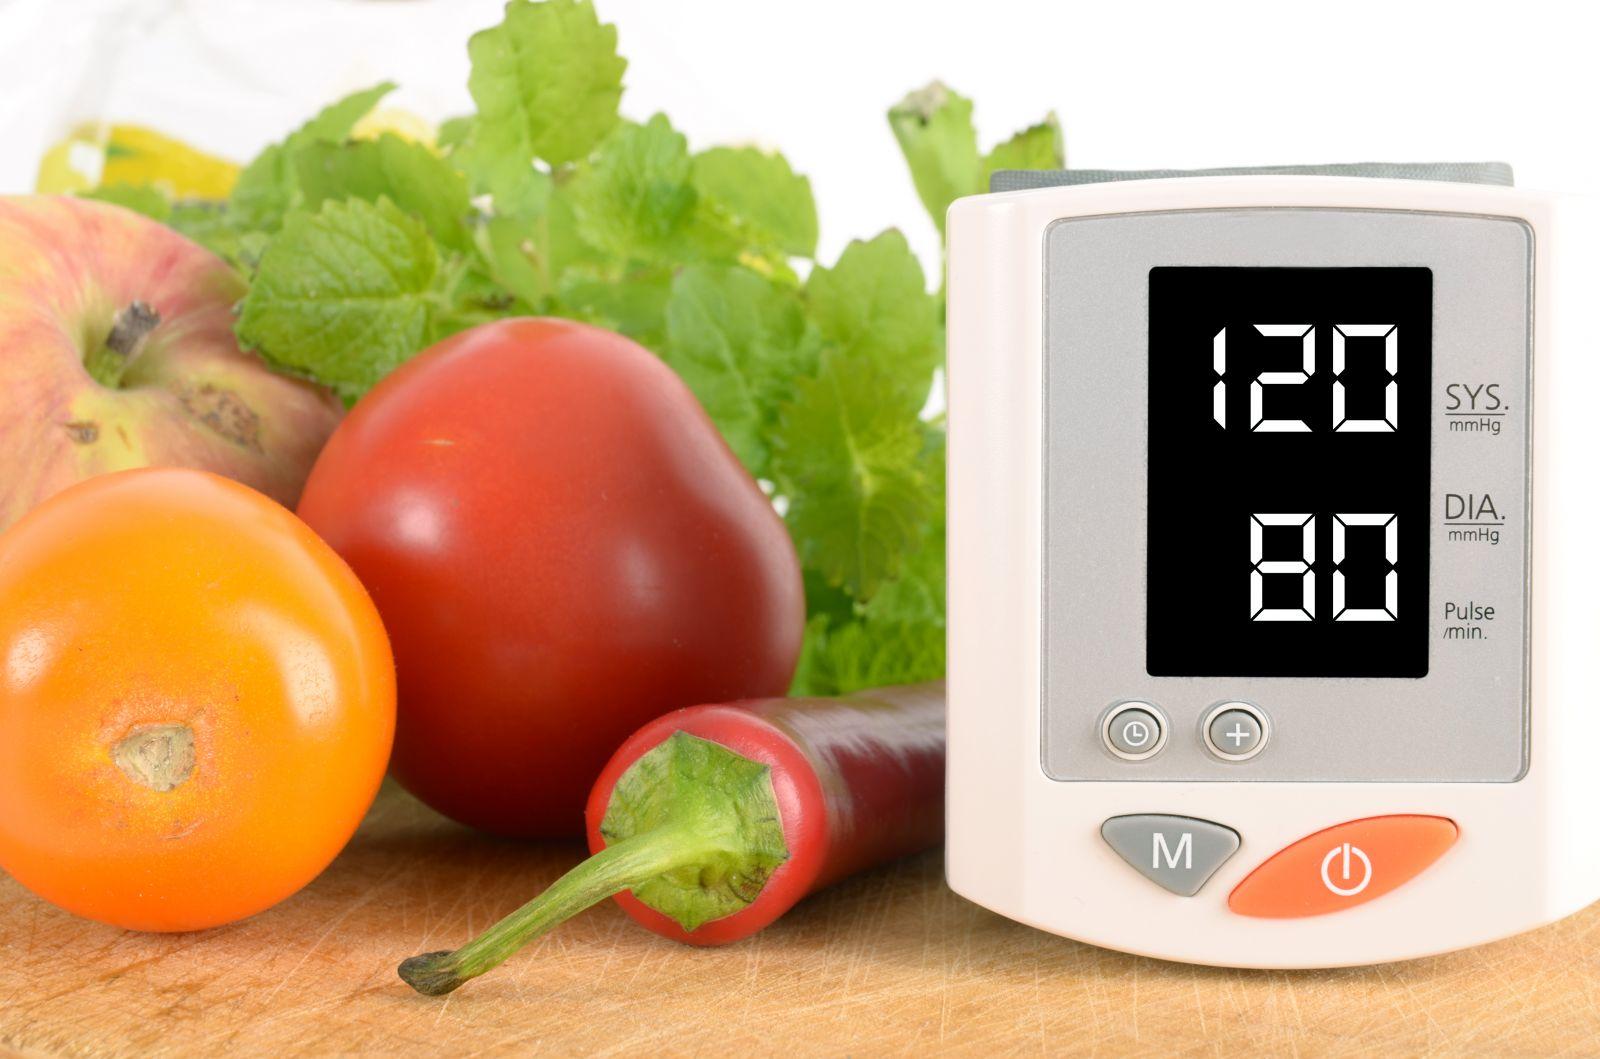 magas vérnyomás és paradicsom magas vérnyomás kezelése diabetes mellitusban alternatív kezelés